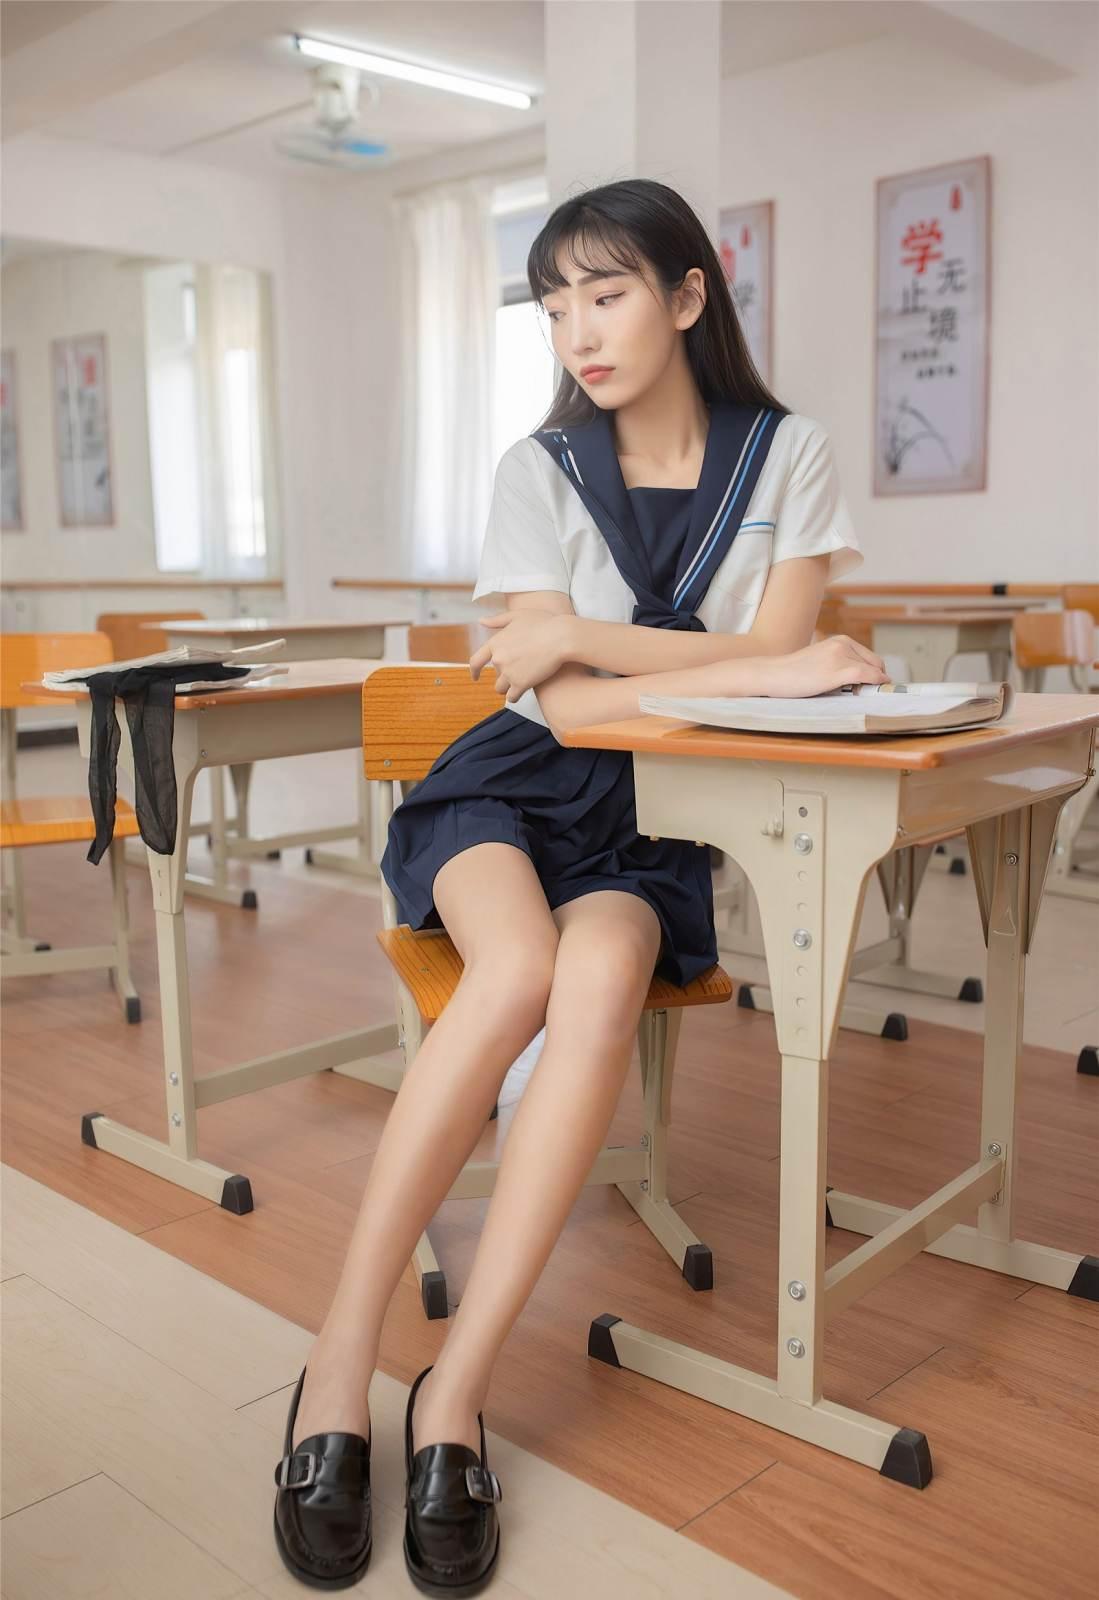 第229期青春学院风陆萱萱(jk裙,黑丝,丝袜,学院风)_图片4